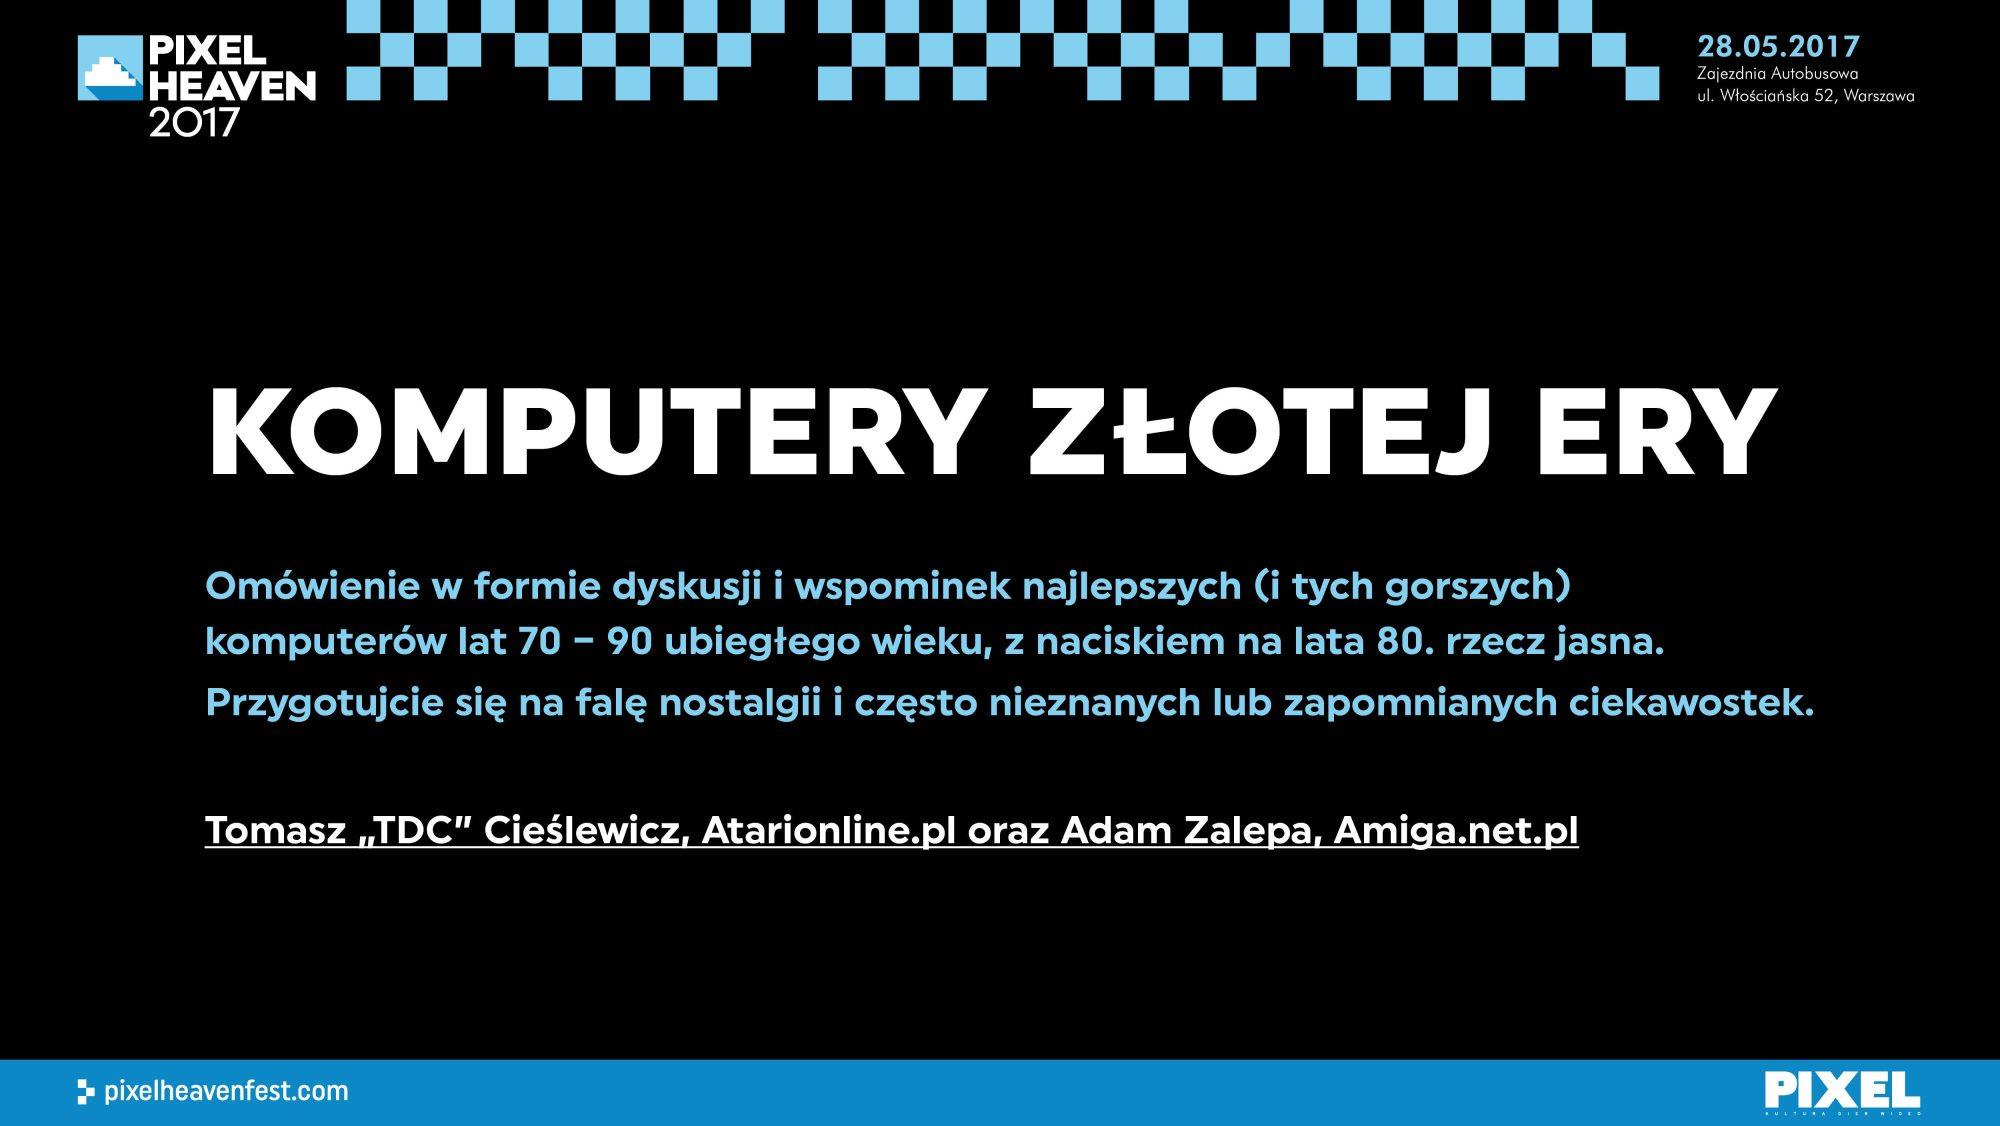 Komputery Z&#322otej Ery - opis; Pixel Heaven 2017; 2000x1126 =>  400 x 225 pix